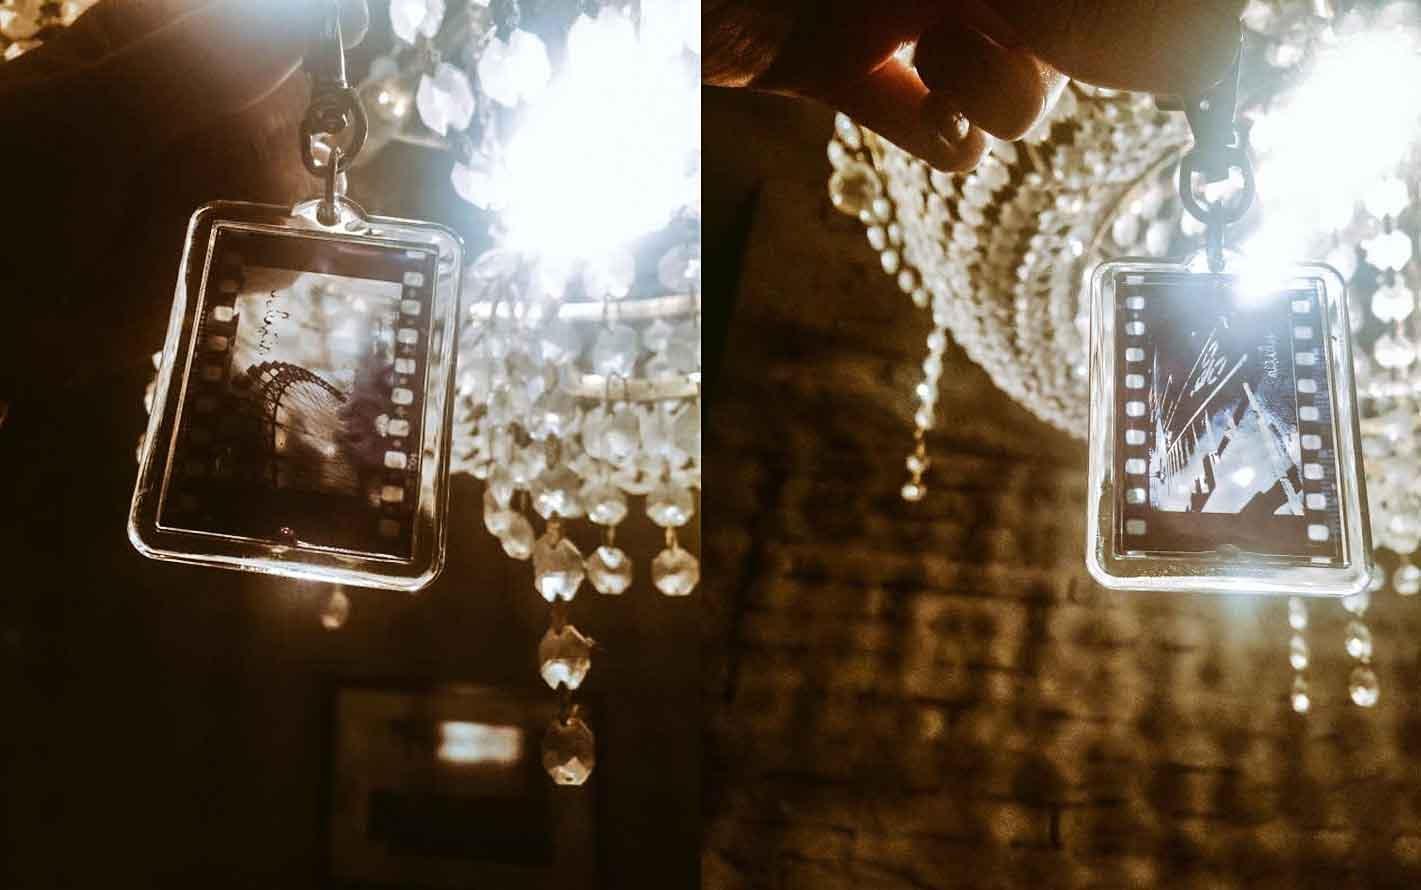 [迷迷選物]寫真館Gelatin攝影作品正片壓克力鑰匙圈